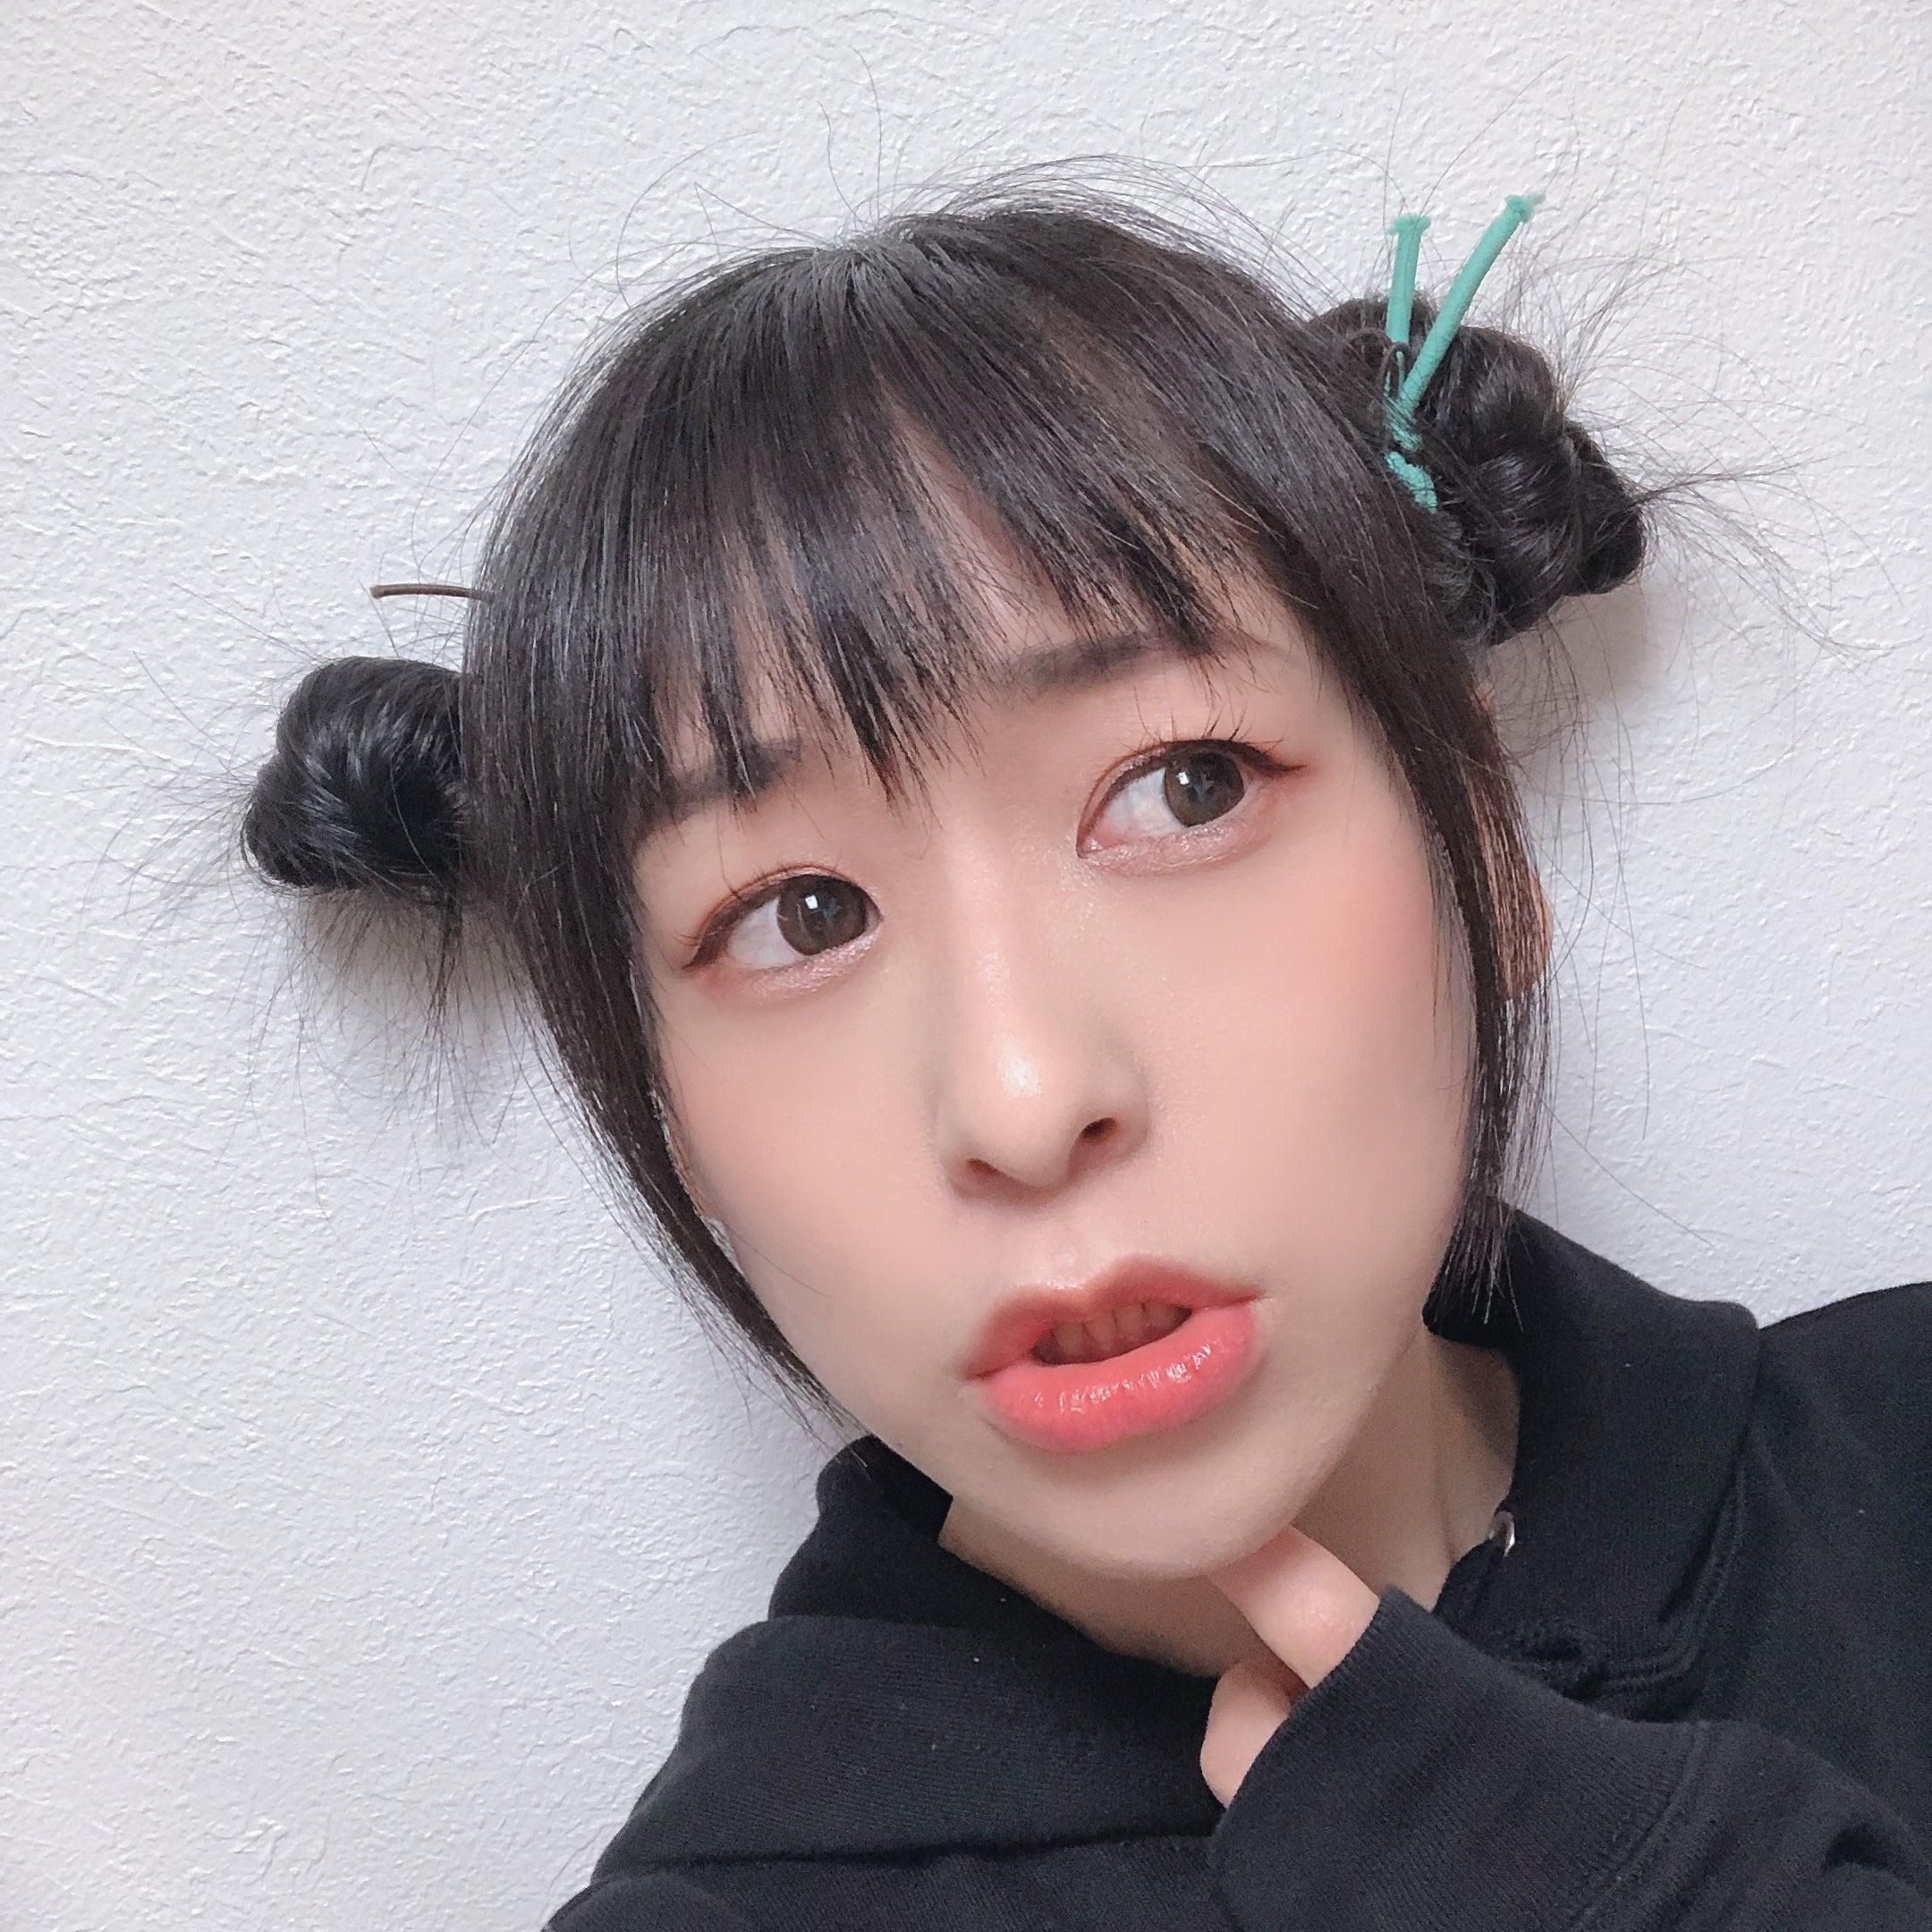 妄想好き声優・徳井青空「2020年の今『セカンドライフ』に思うこと」【そらまるコラム・第6回】の画像001